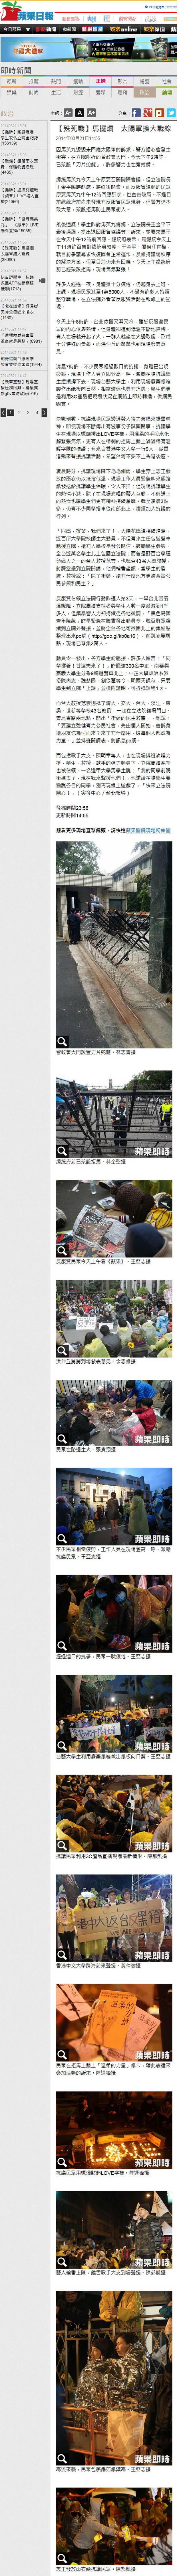 【殊死戰】馬擺爛太陽軍擴大戰線-2014.03.21.jpg